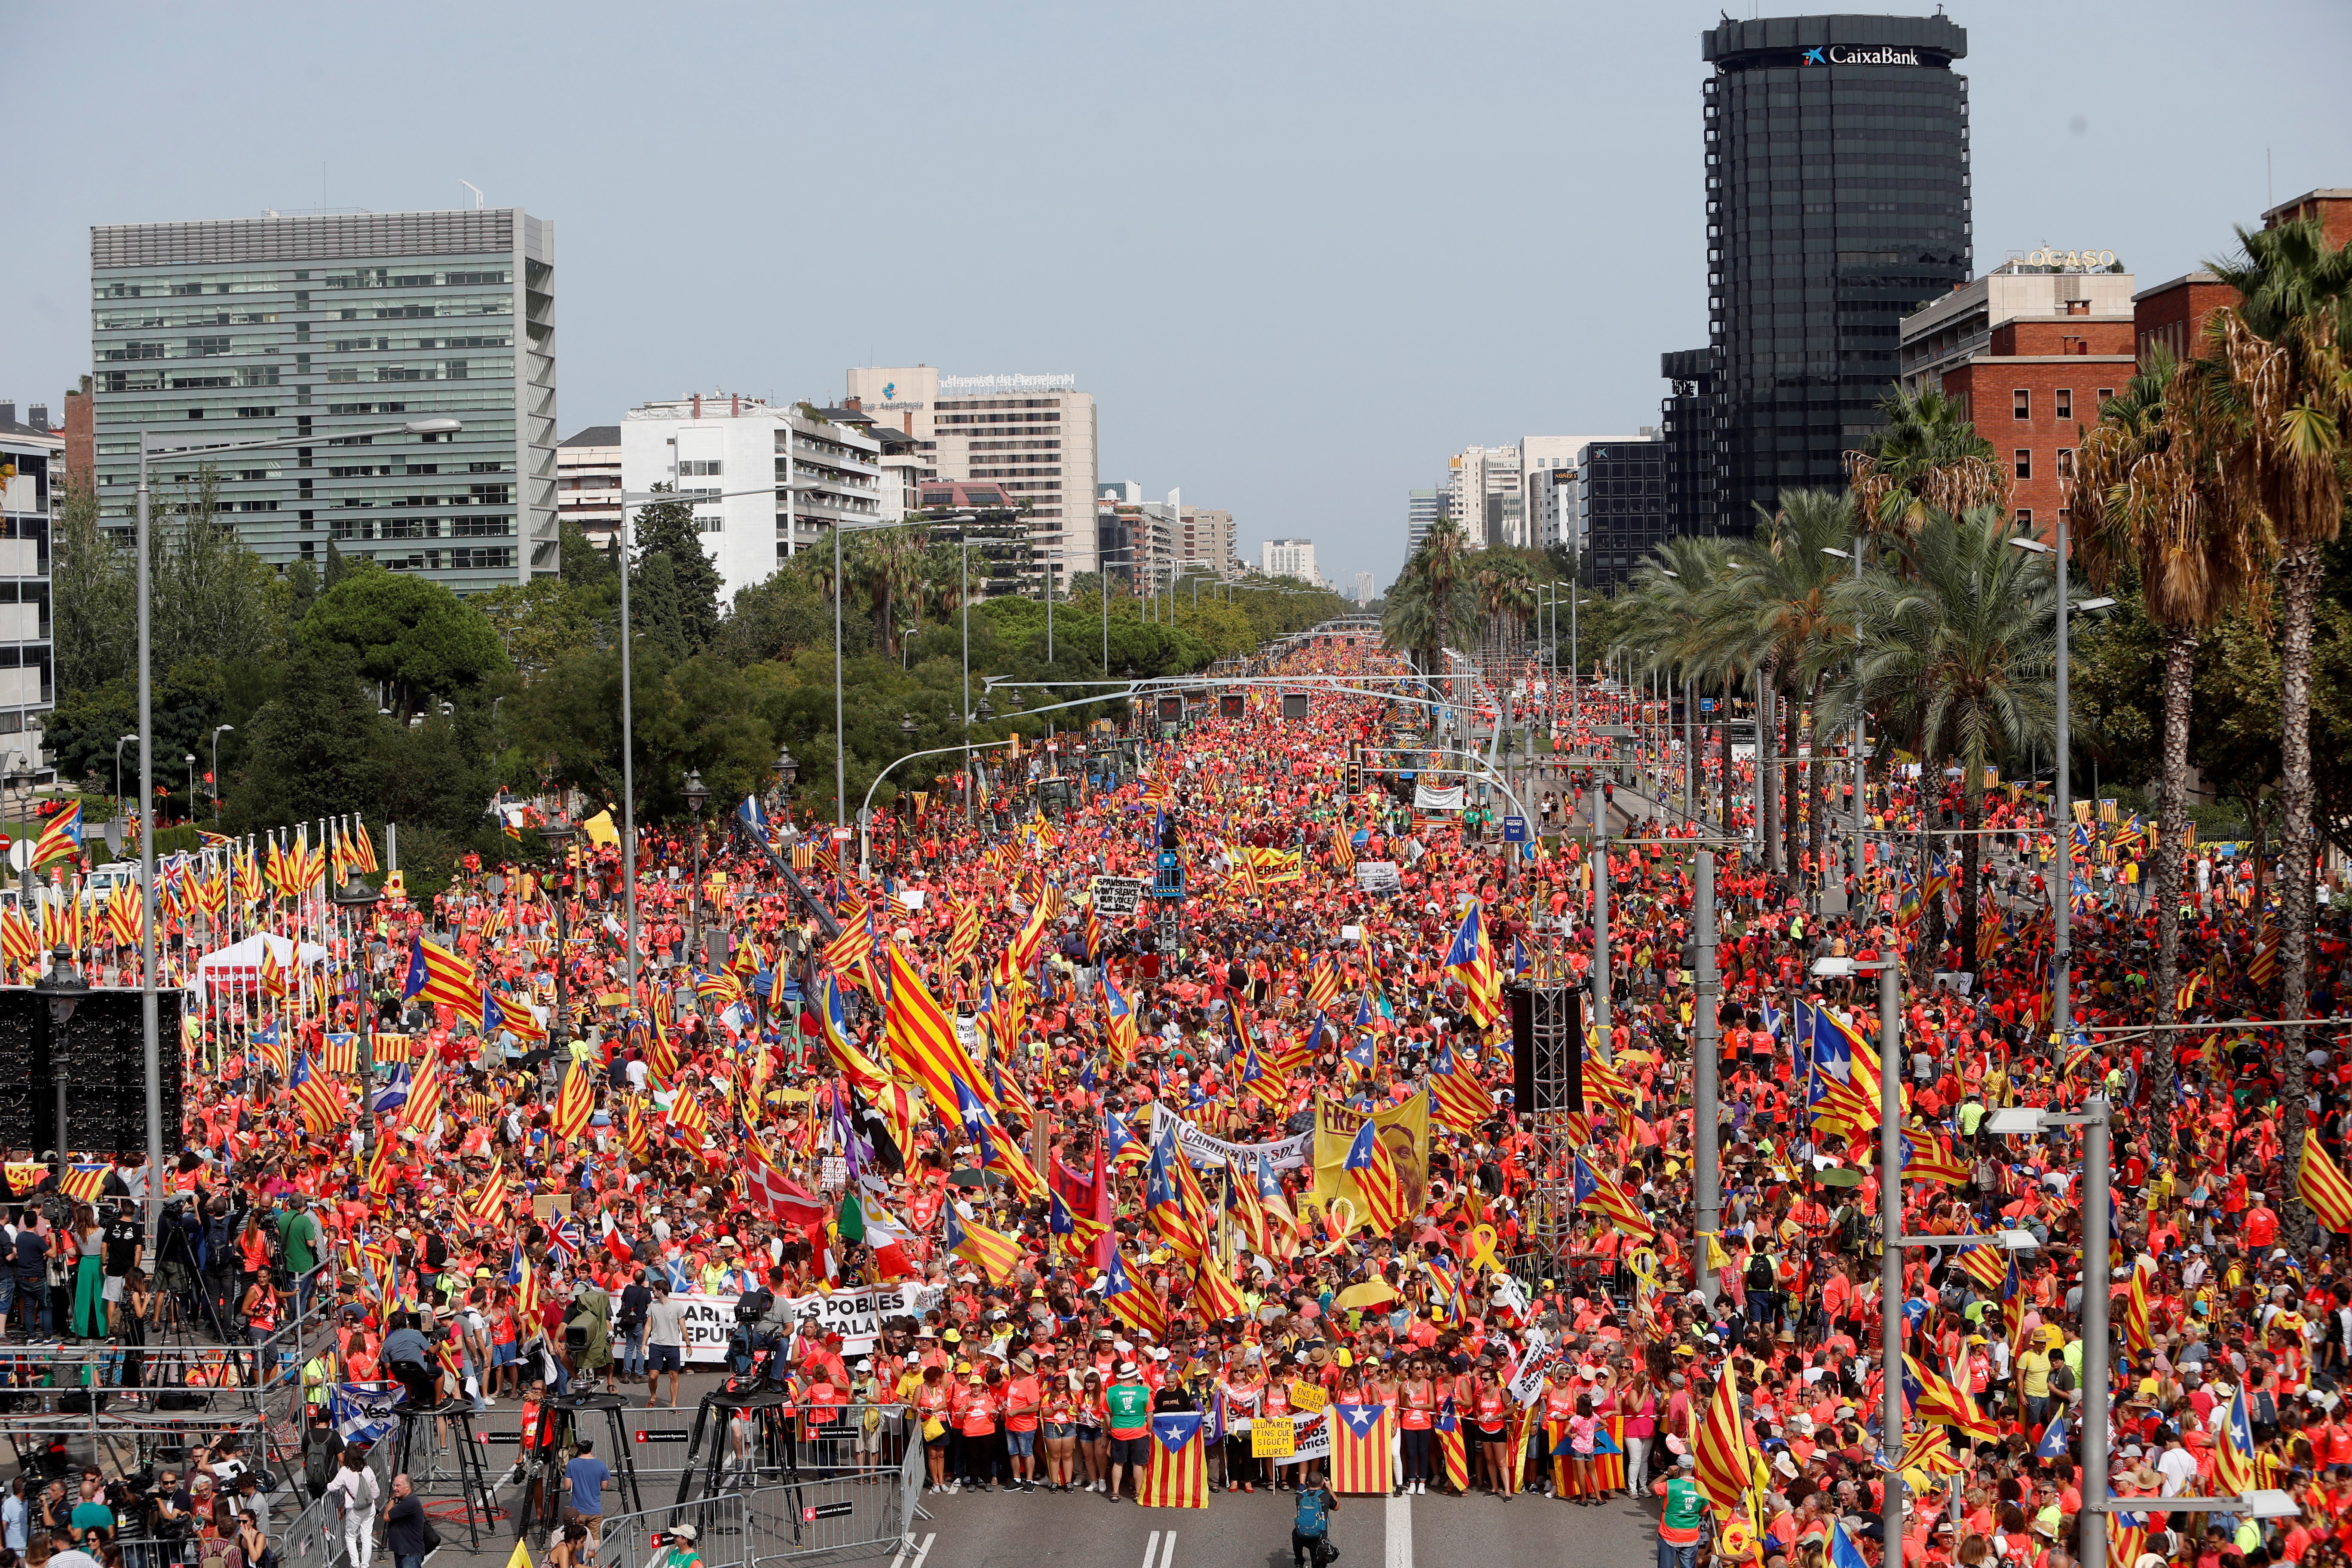 Milijun Katalonaca na ulicama Barcelone slavi nacionalni praznik